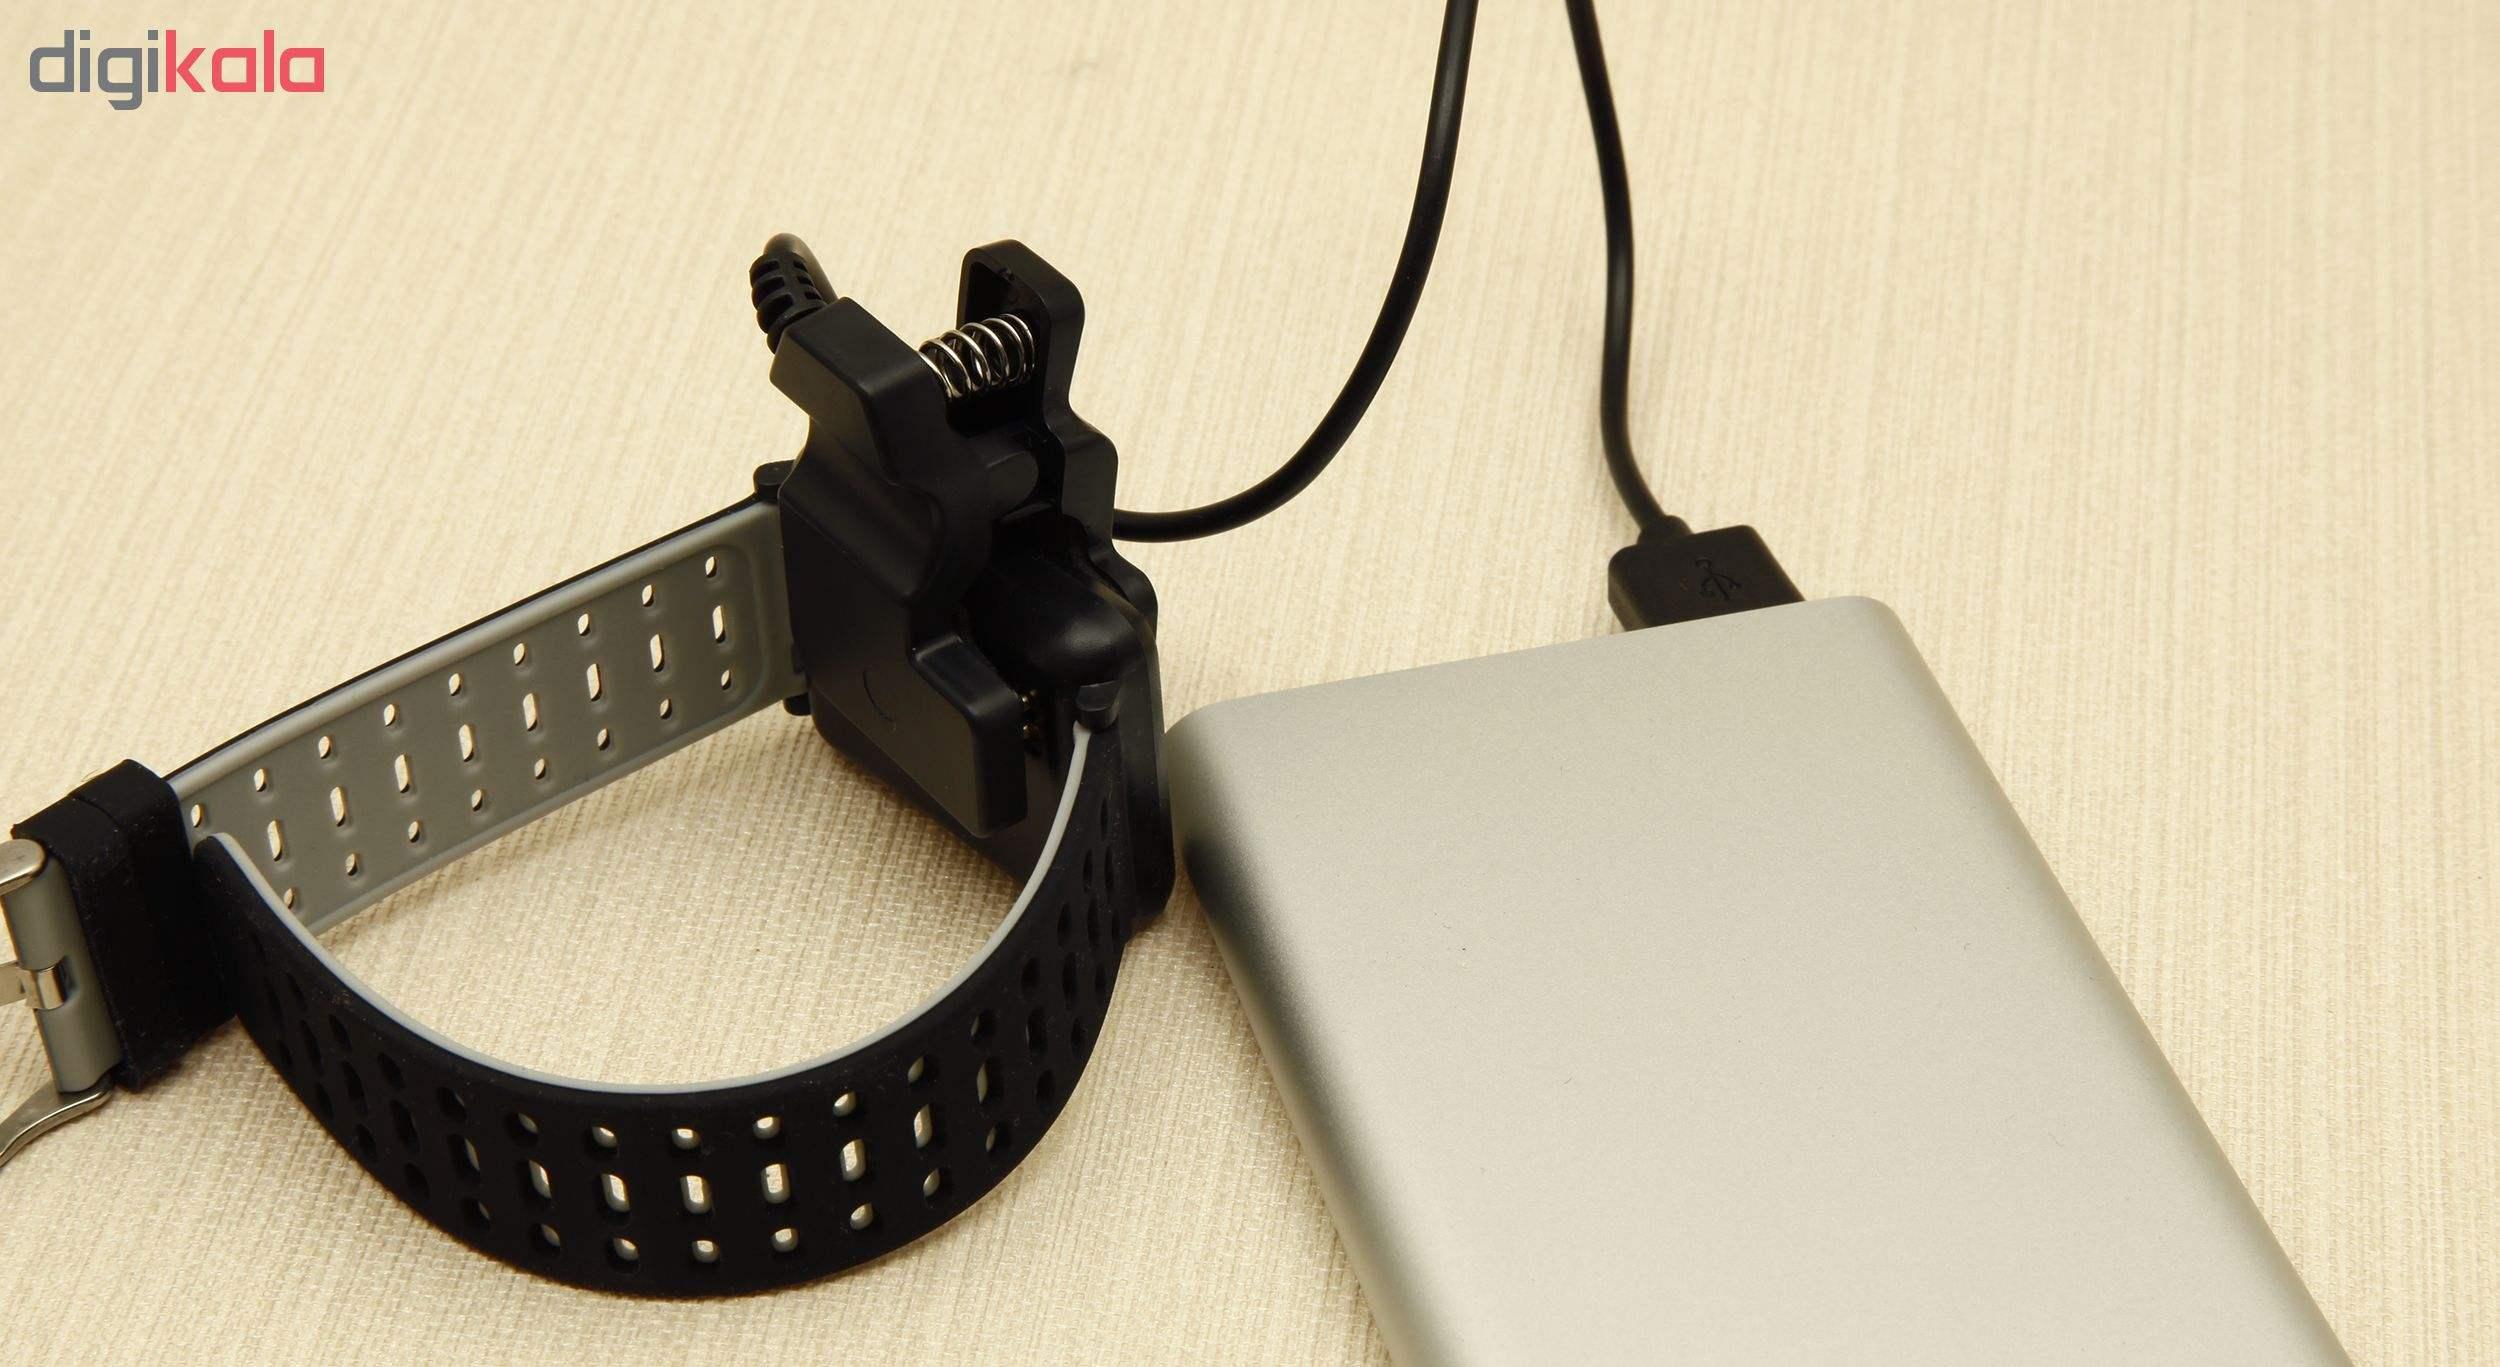 ساعت هوشمند سومگ مدل M5-Plus main 1 3